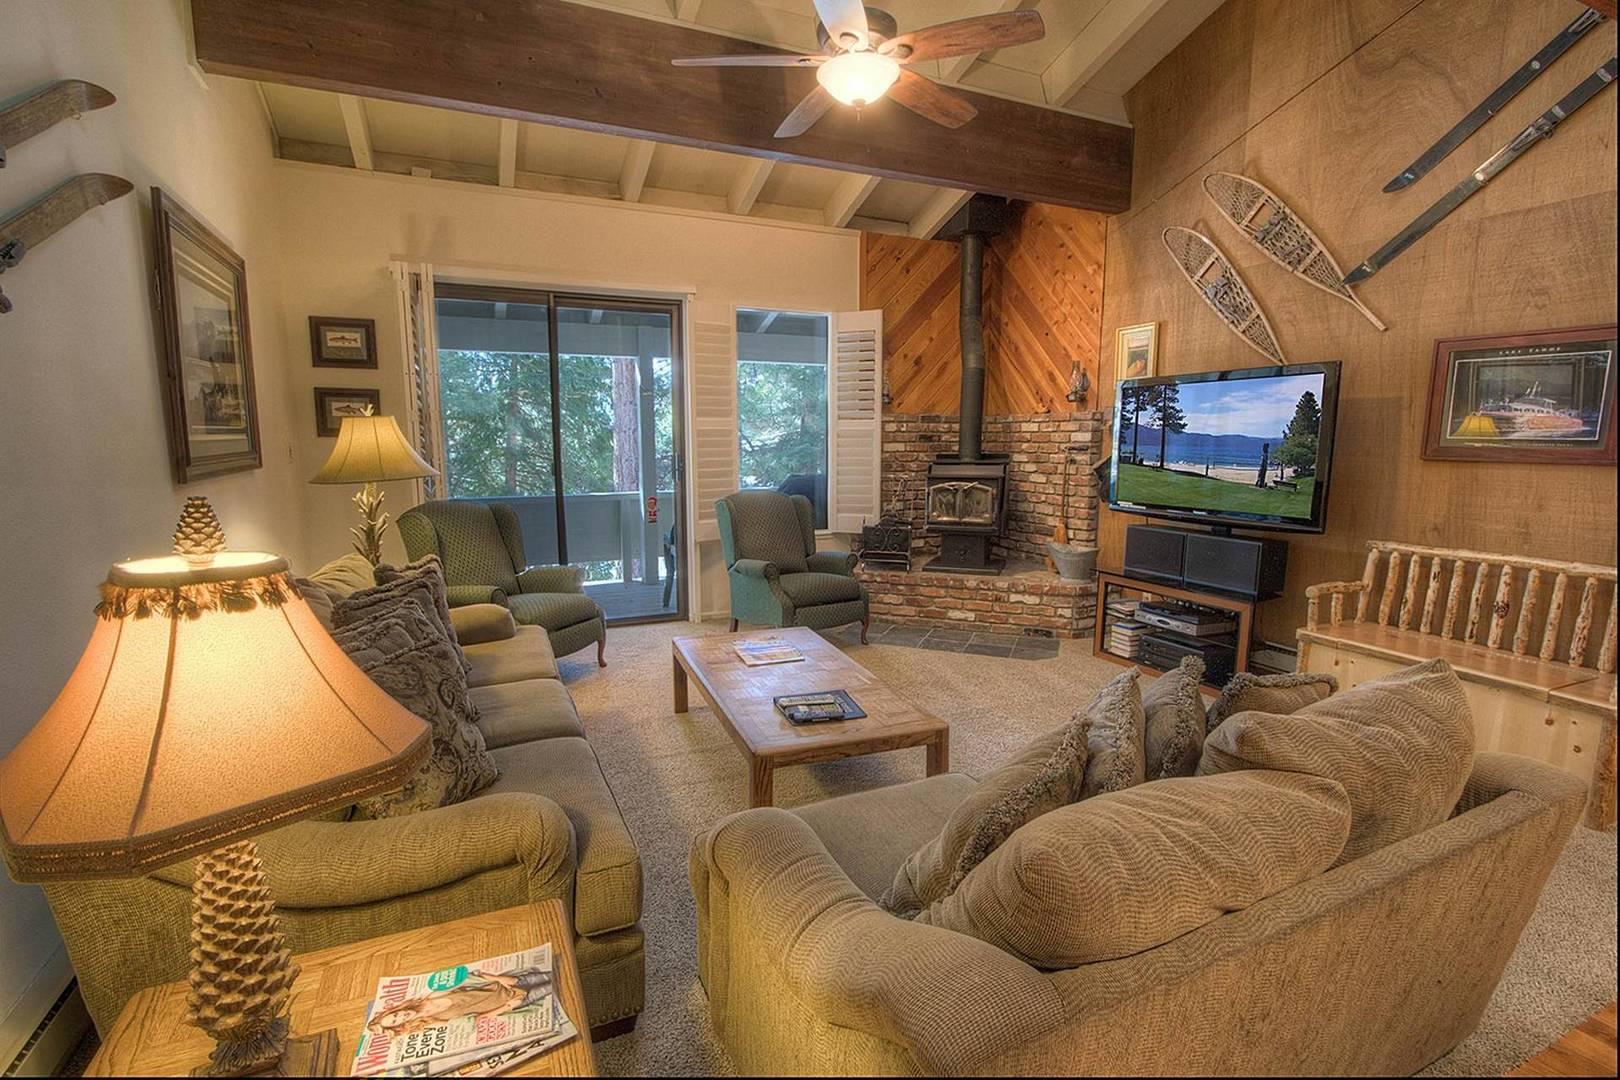 msc1002 Living room